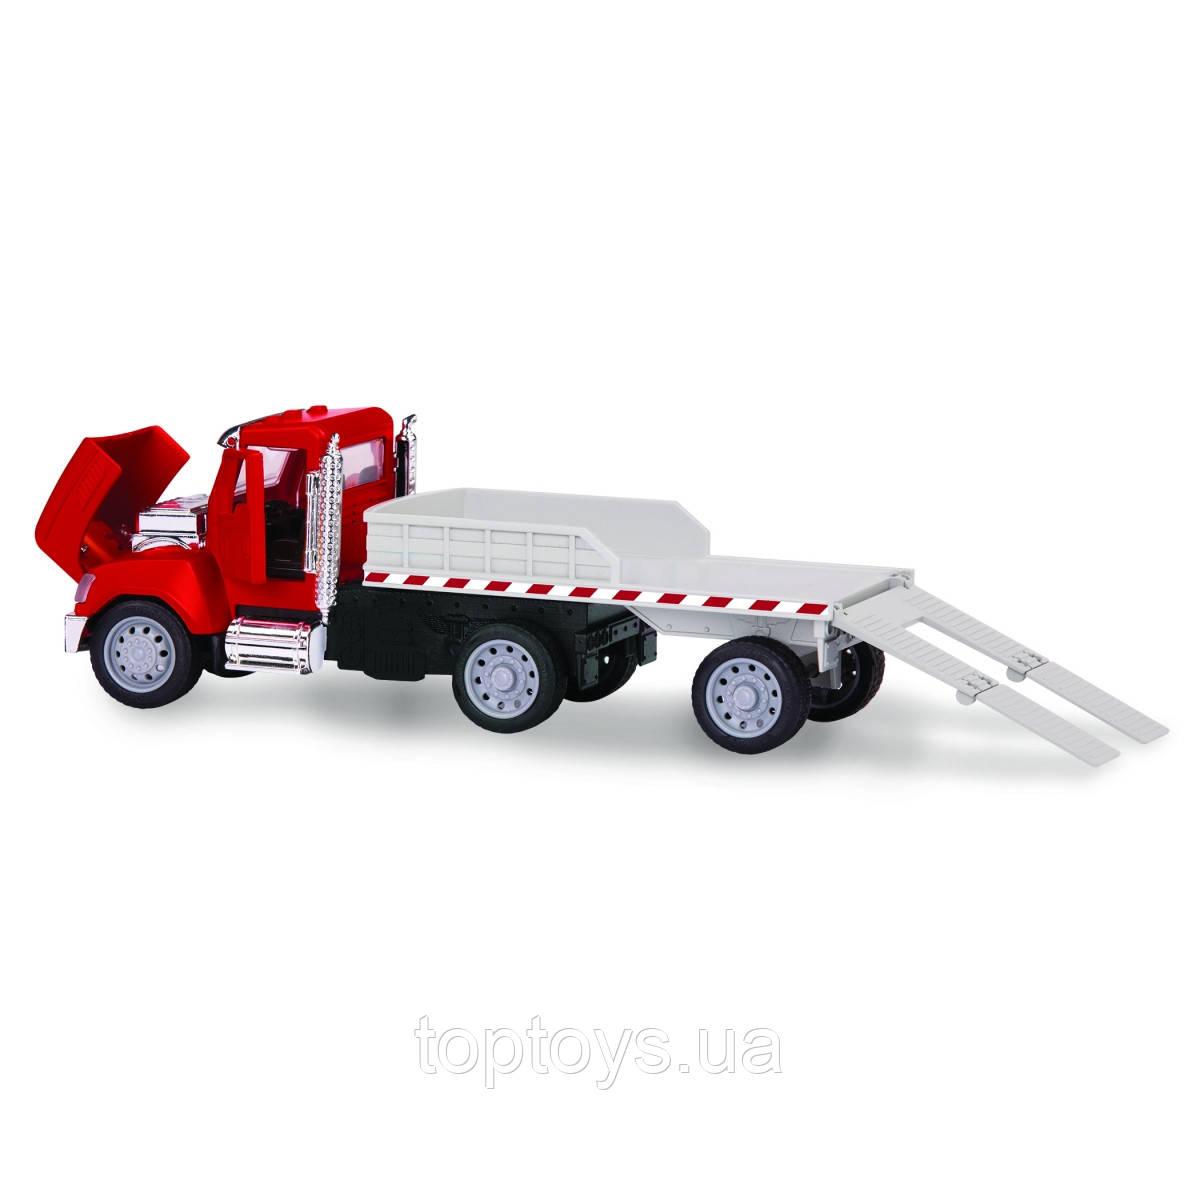 Іграшковий евакуатор Driven MICRO Вантажівка евакуатор (WH1073Z)